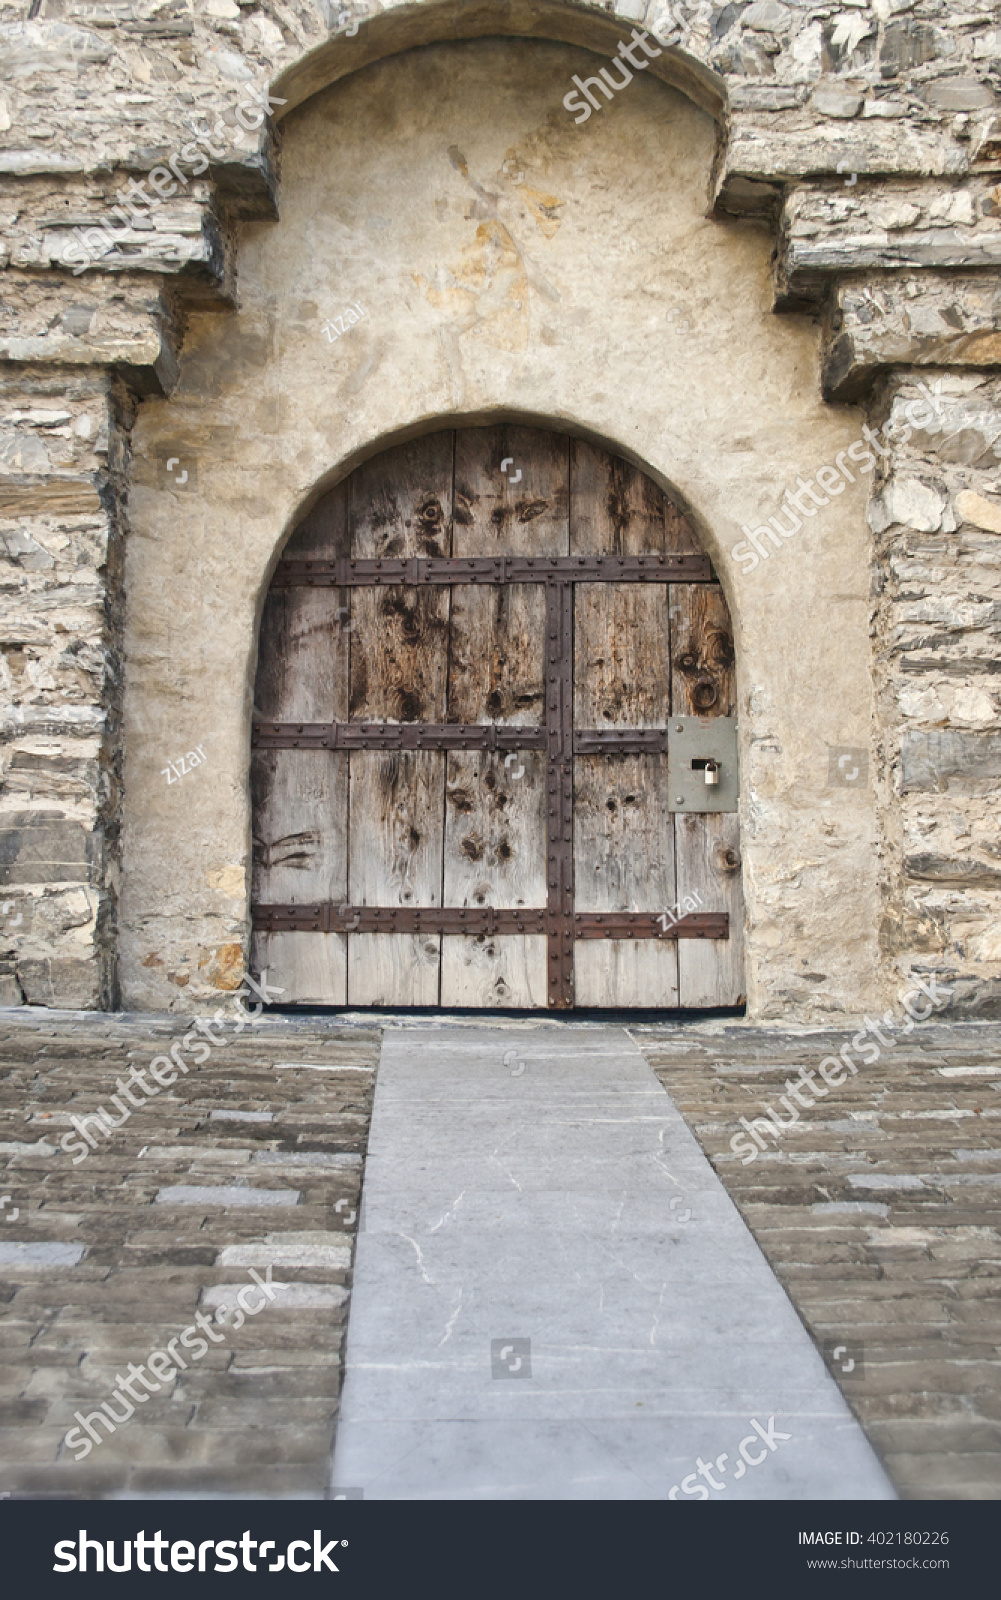 Old Wooden Castle Doors Stock Photo 402180226 - Shutterstock